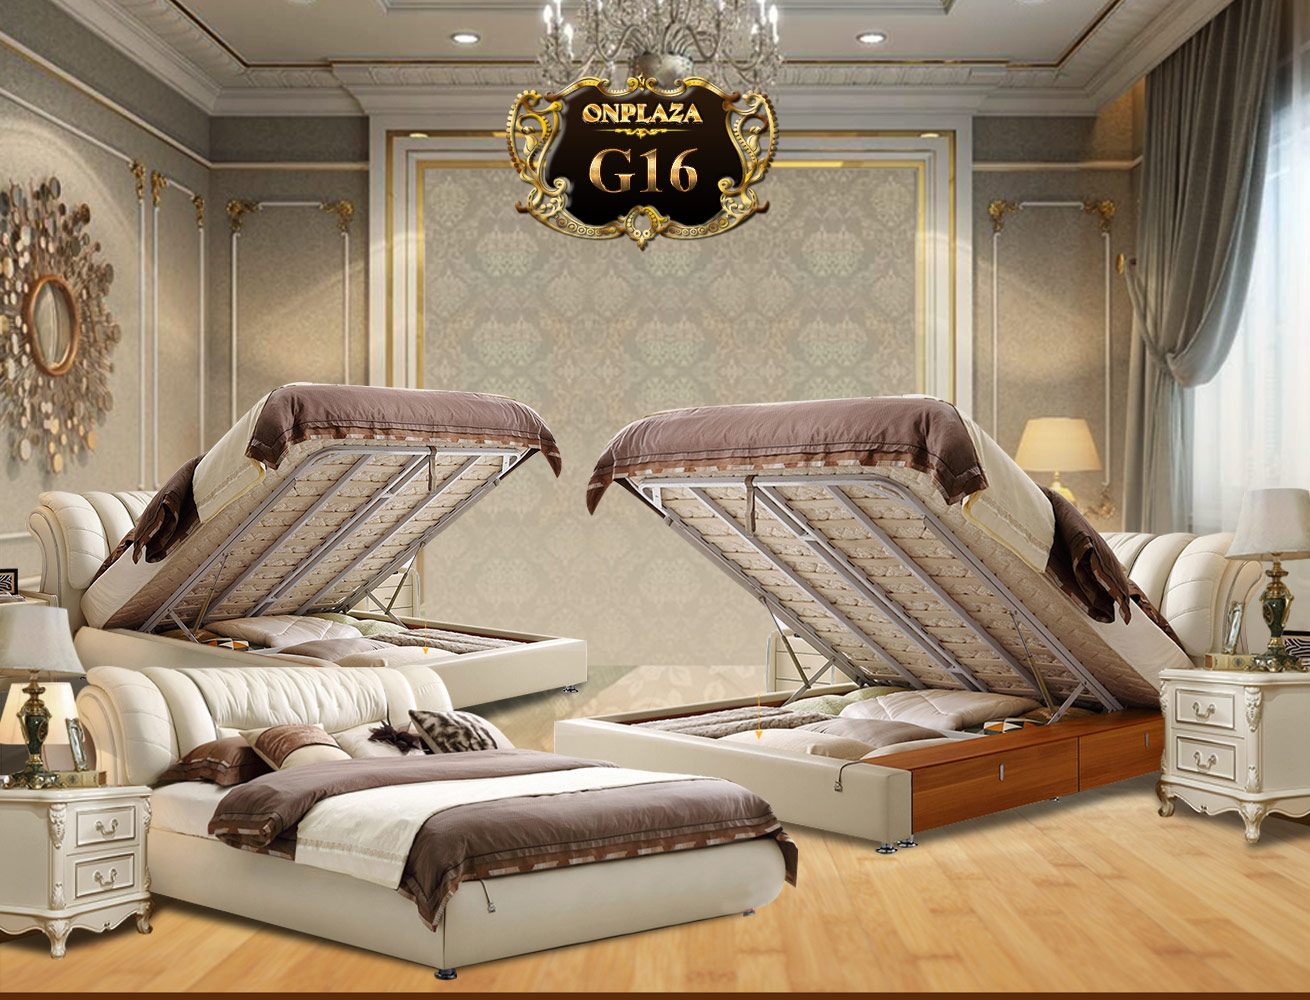 Giường ngủ hiện đại phong cách Châu Âu G16 | Giường ngủ hiện đại đa năng 2017 | Kích thước giường ngủ hiện đại